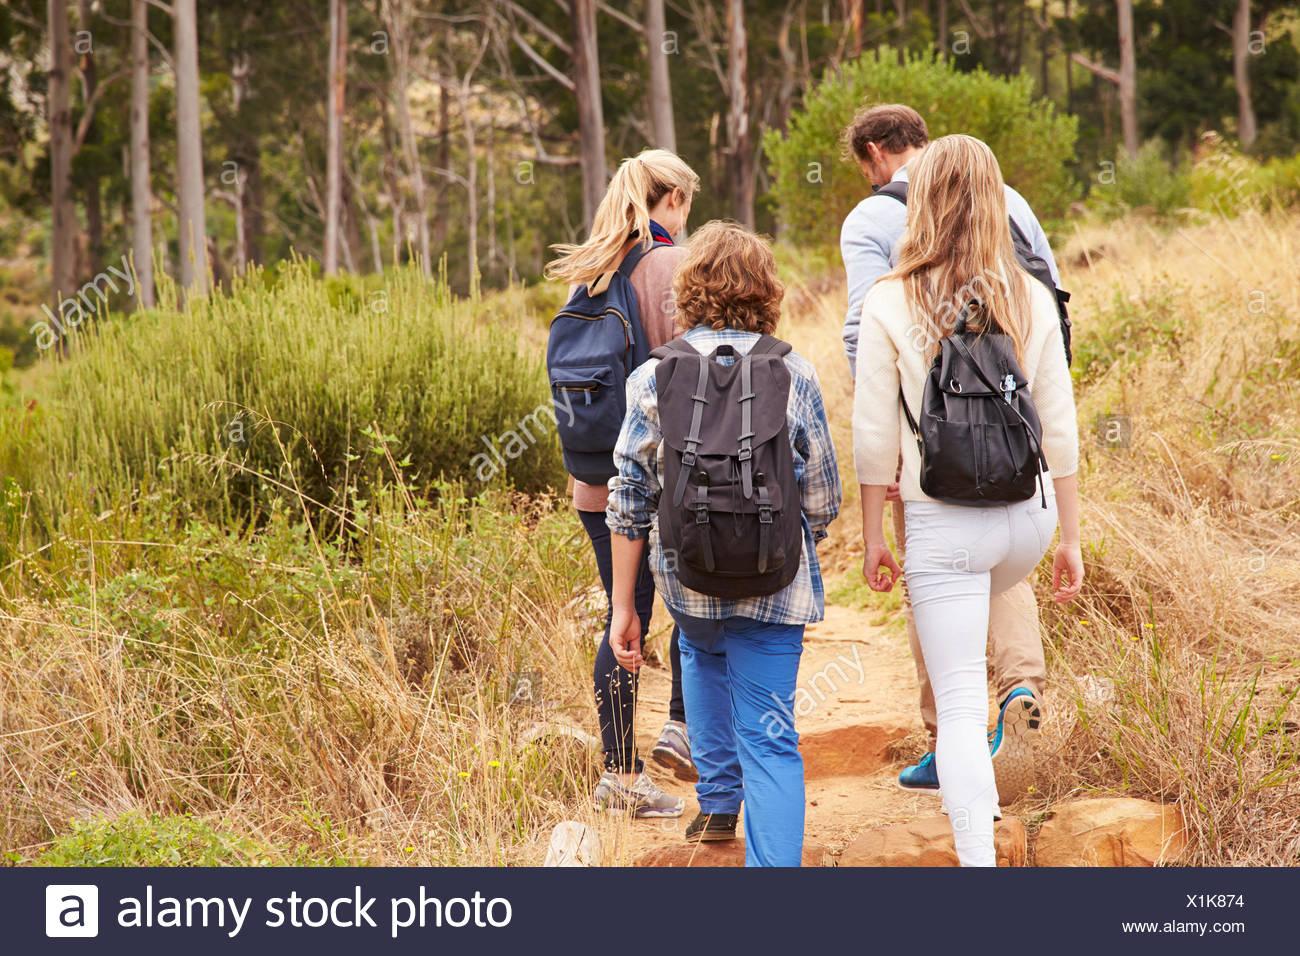 Balades en famille sur une piste dans une forêt, vue arrière Photo Stock